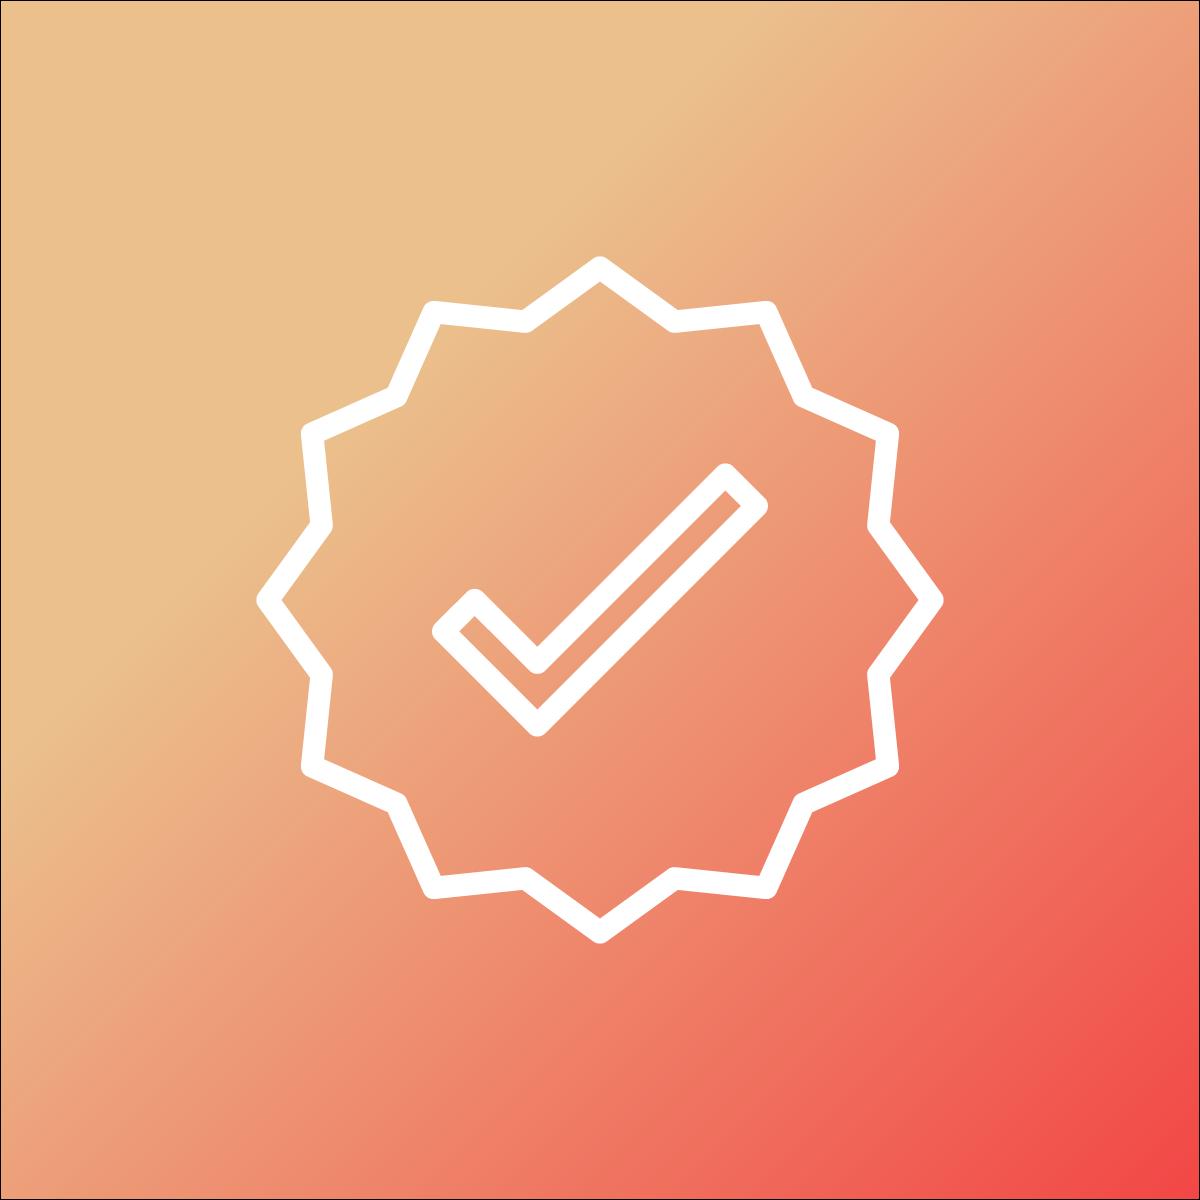 Shopify Product validation app by Architechpro oü